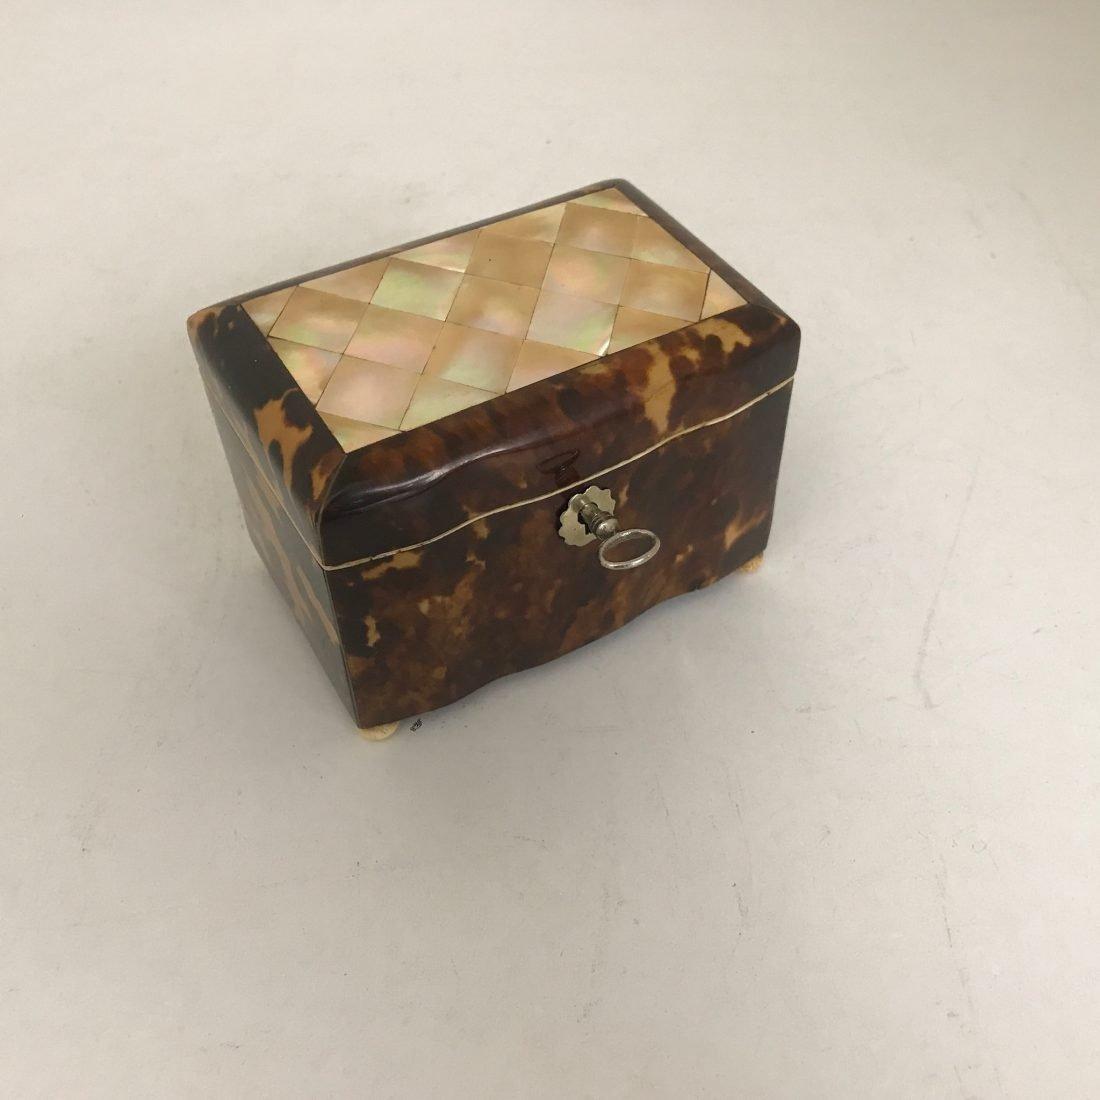 Antiek schildpad theedoosje met parelmoer inleg, 19e eeuw